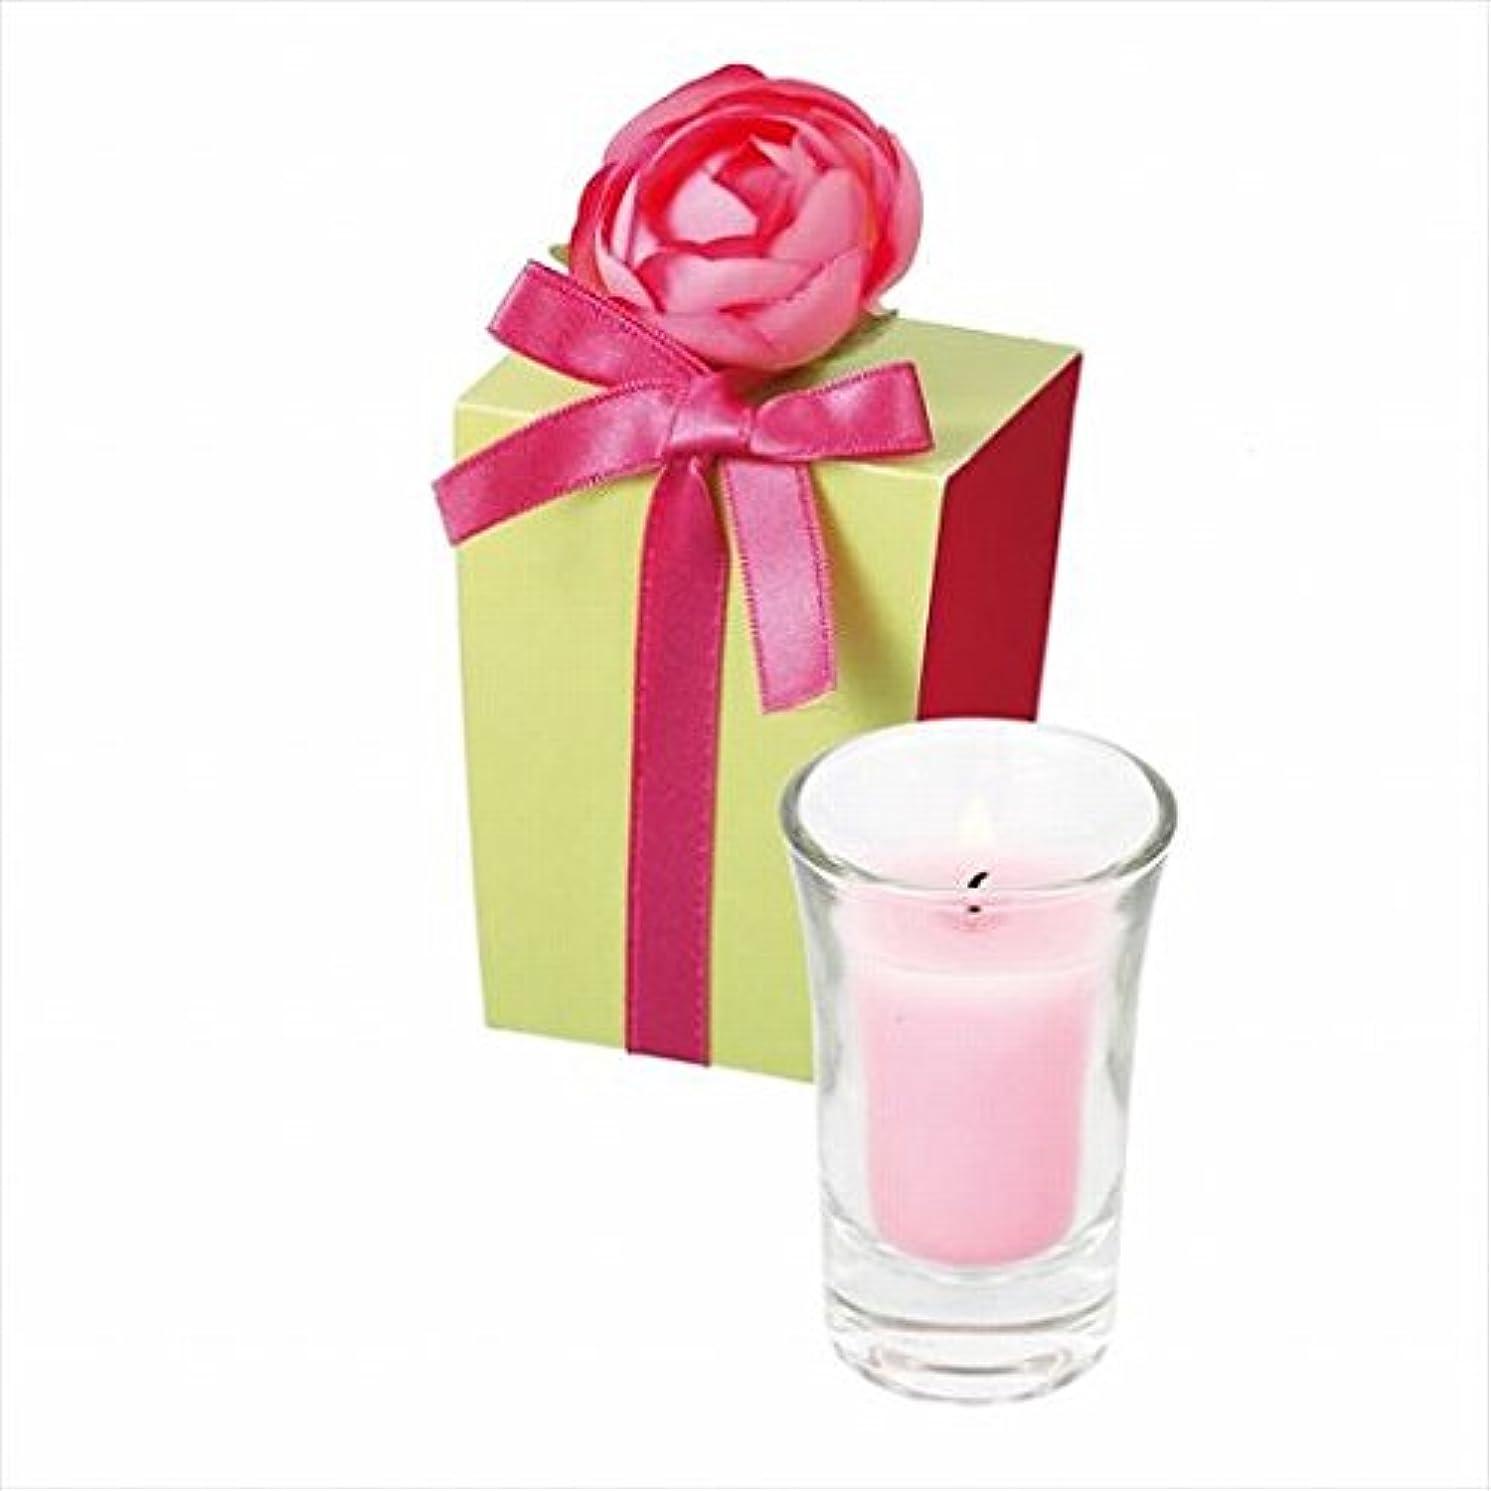 ポーク九時四十五分ウルルカメヤマキャンドル(kameyama candle) ラナンキュラスグラスキャンドル 「 ピンク 」